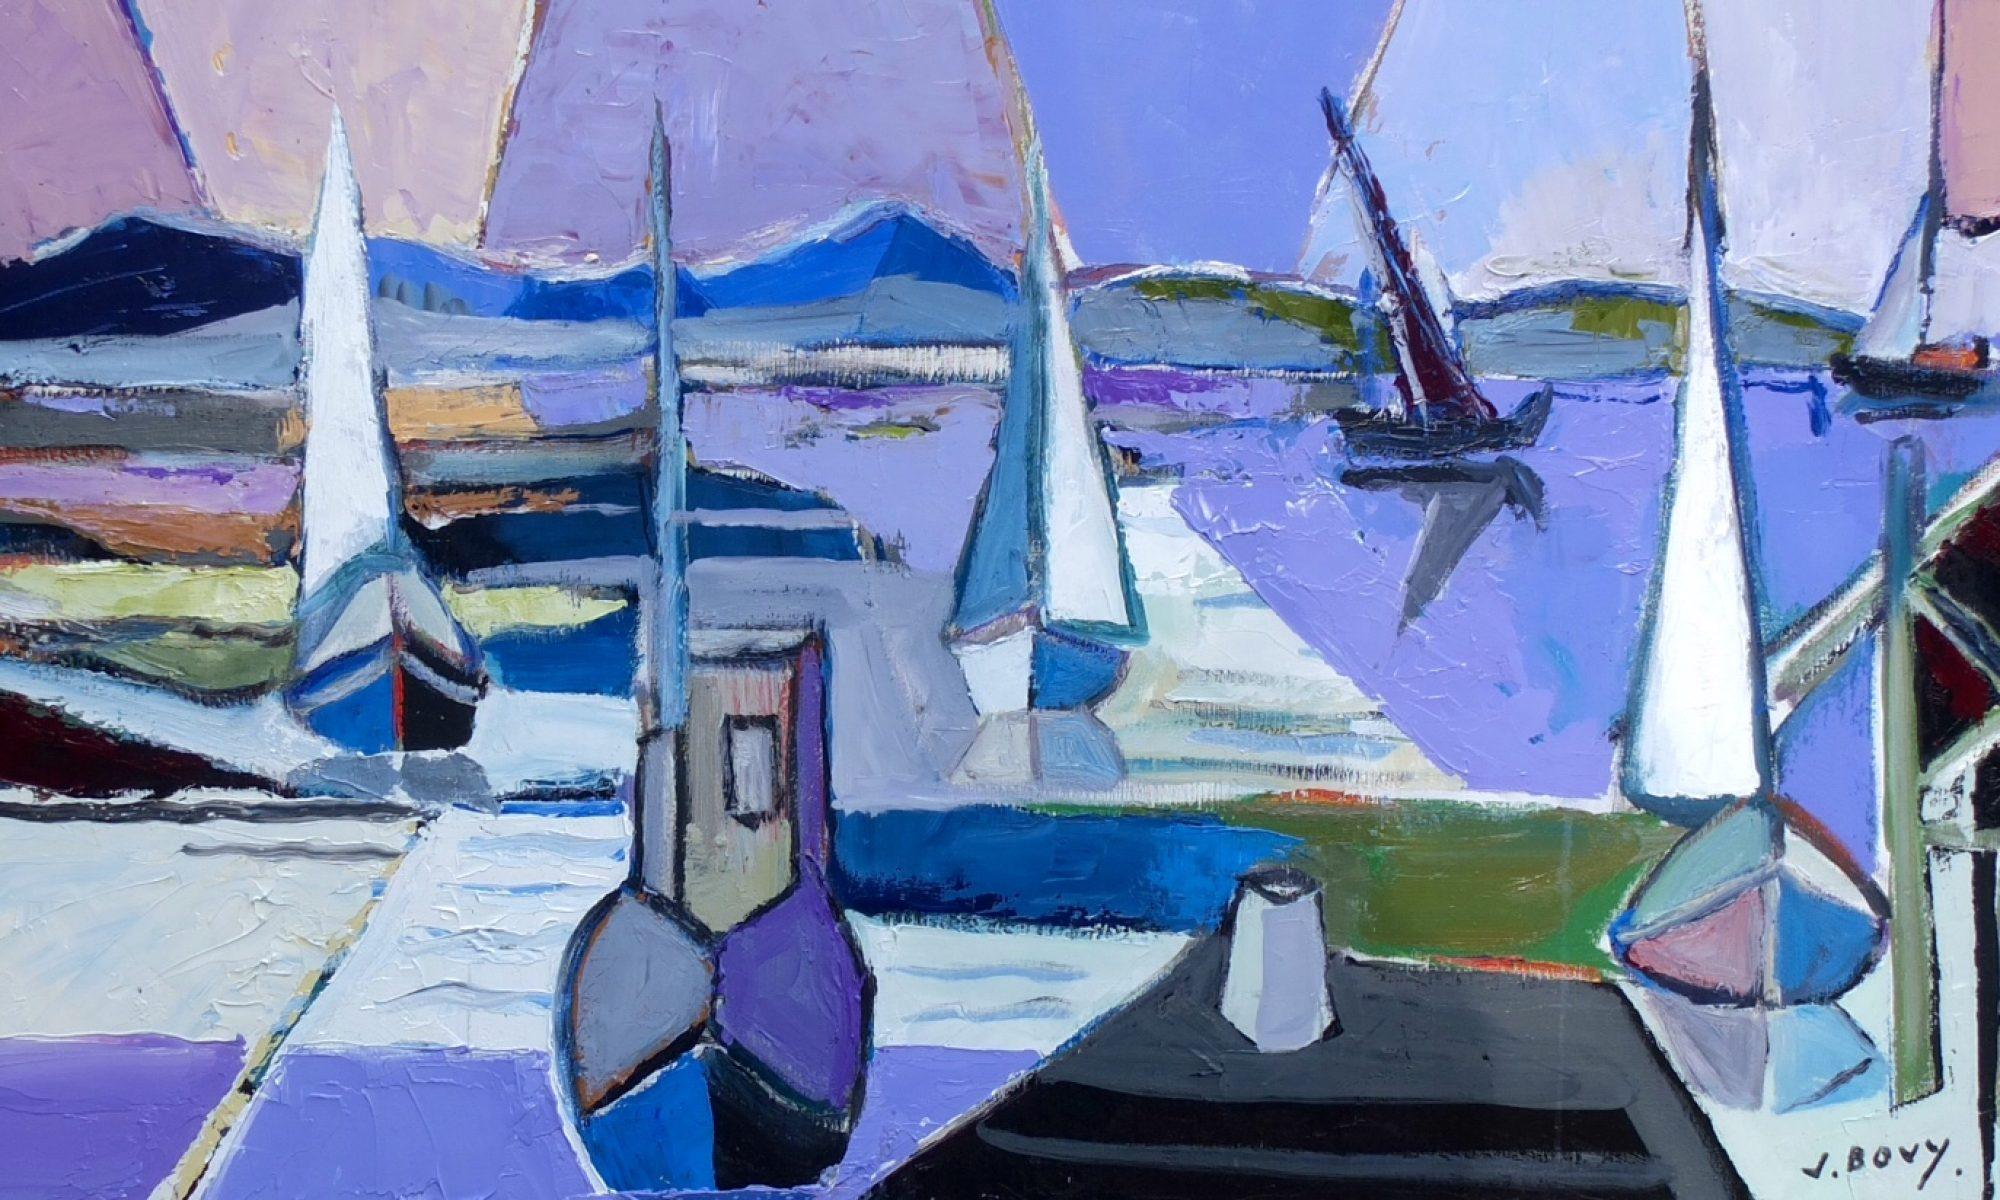 Jacques Bovy, Artiste Peintre